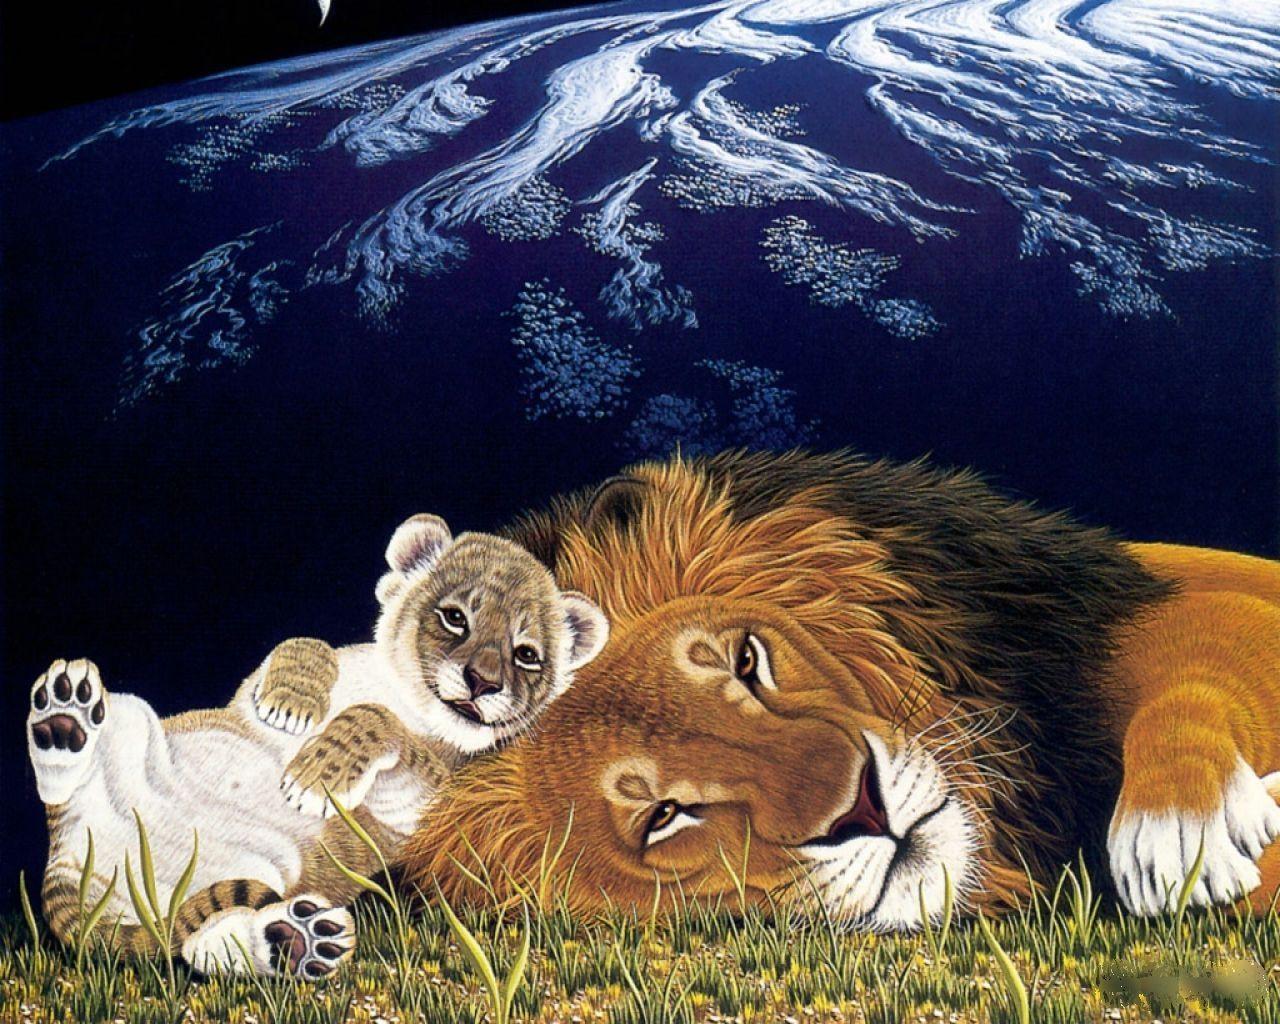 WILLIAM schimmel Google Search 動物の壁紙, 動物を描く, ファンタジーアート